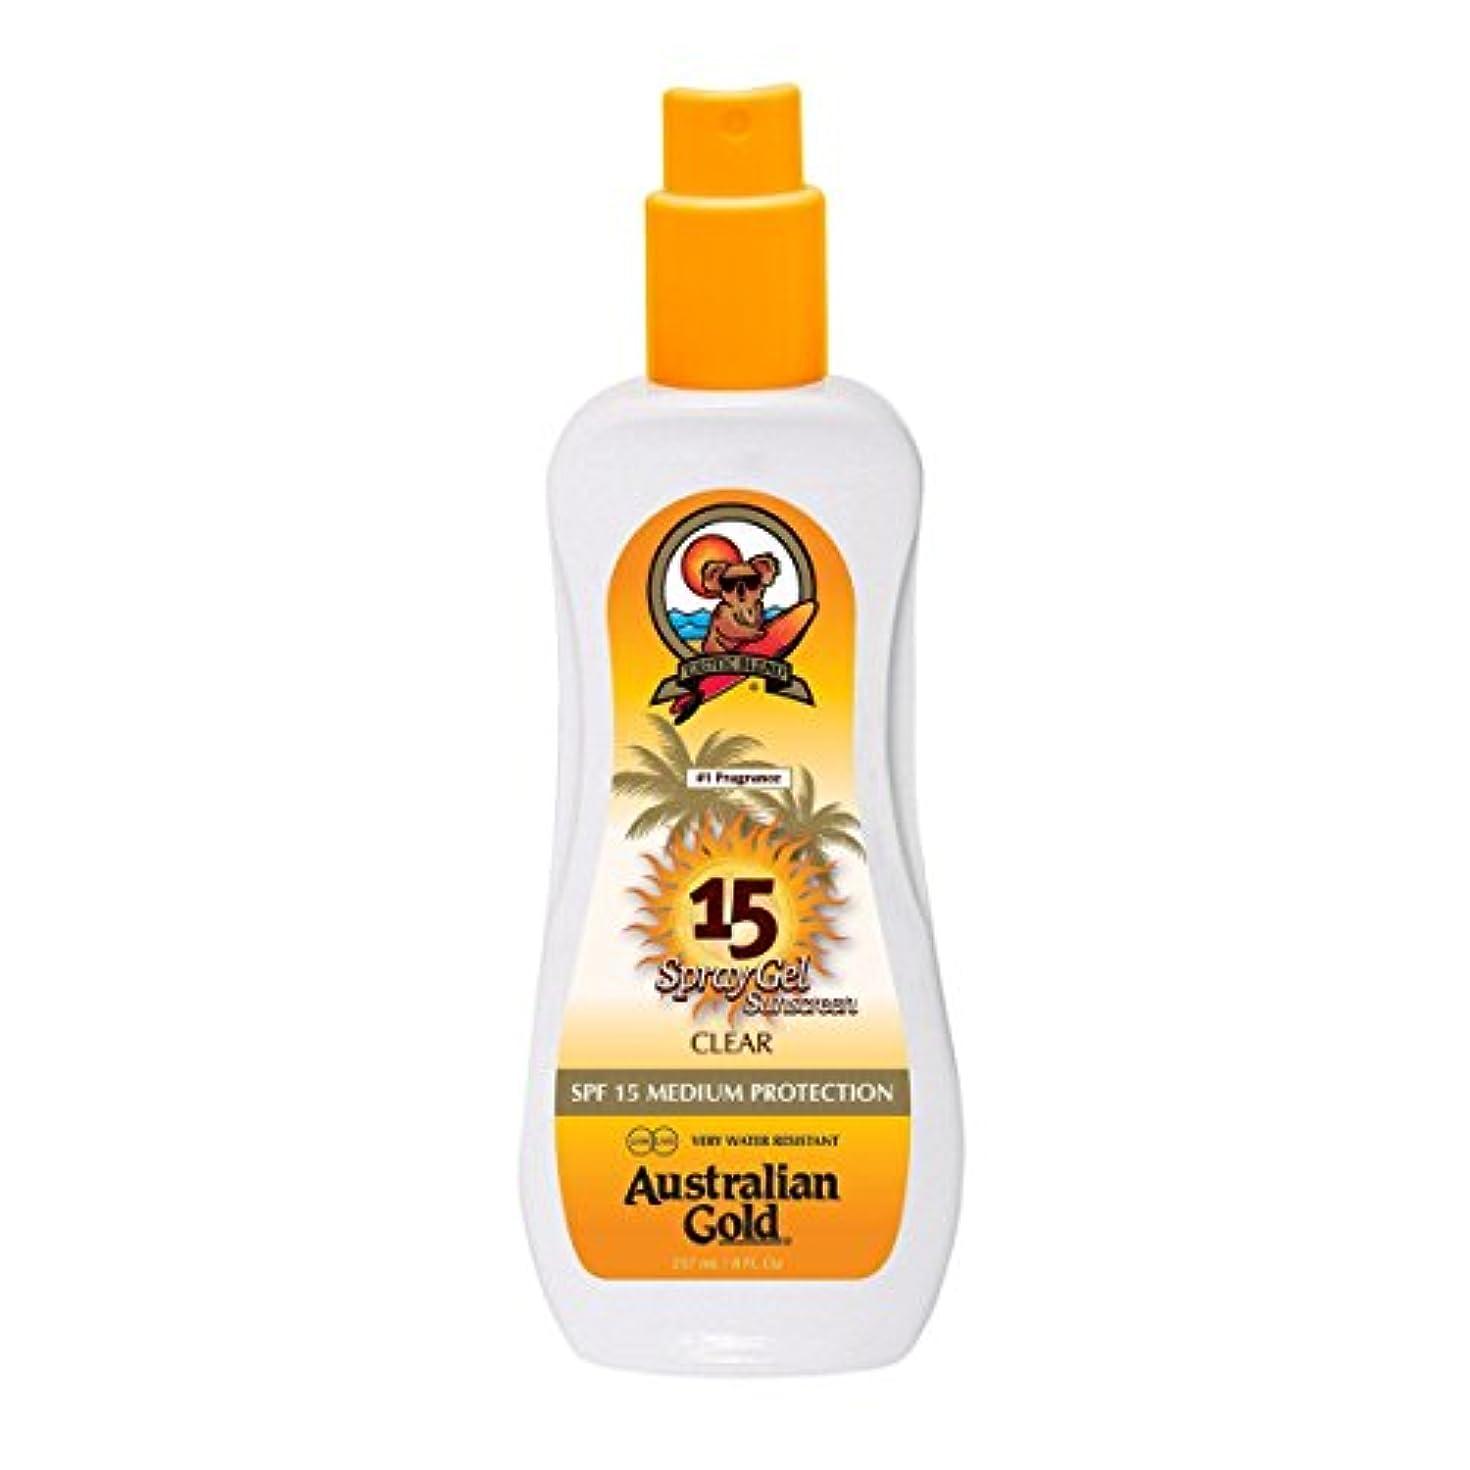 賢明なアレンジオーバーフローAustralian Gold Spray Gel Spf15 237ml [並行輸入品]